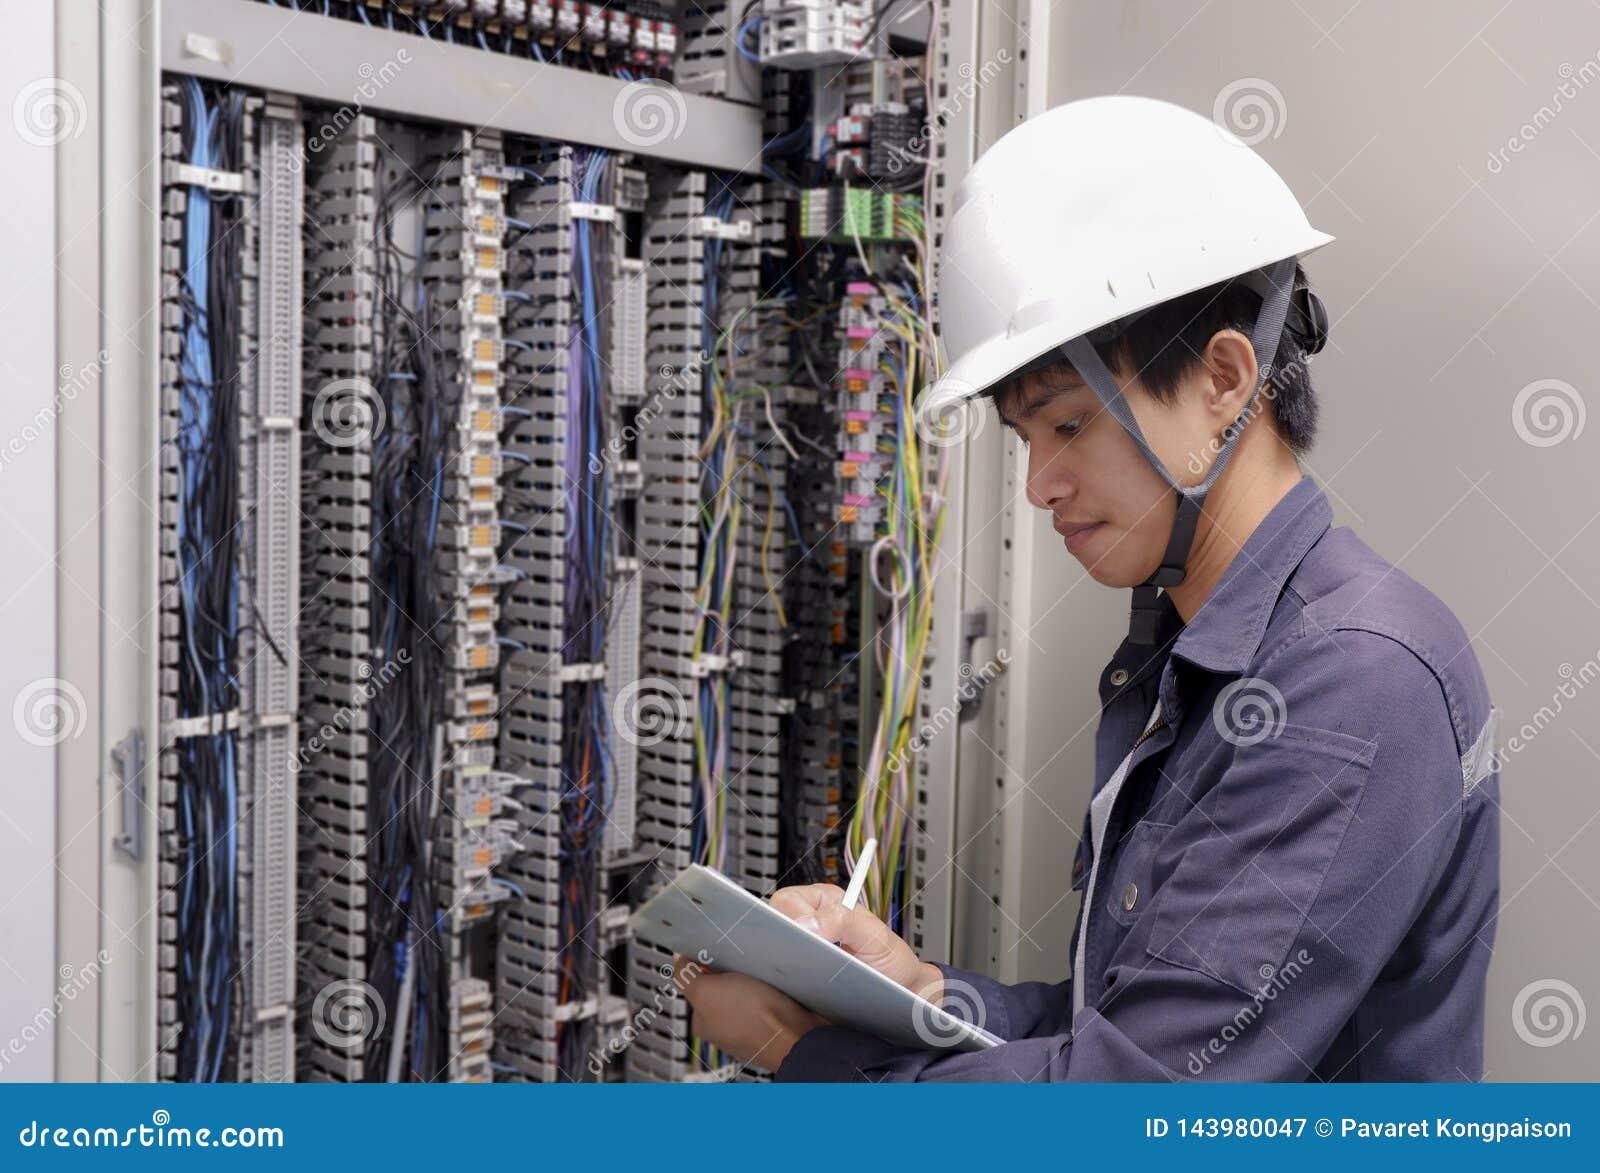 Eletricistas que sorriem, inspecionando caixas elétricas na fábrica industrial